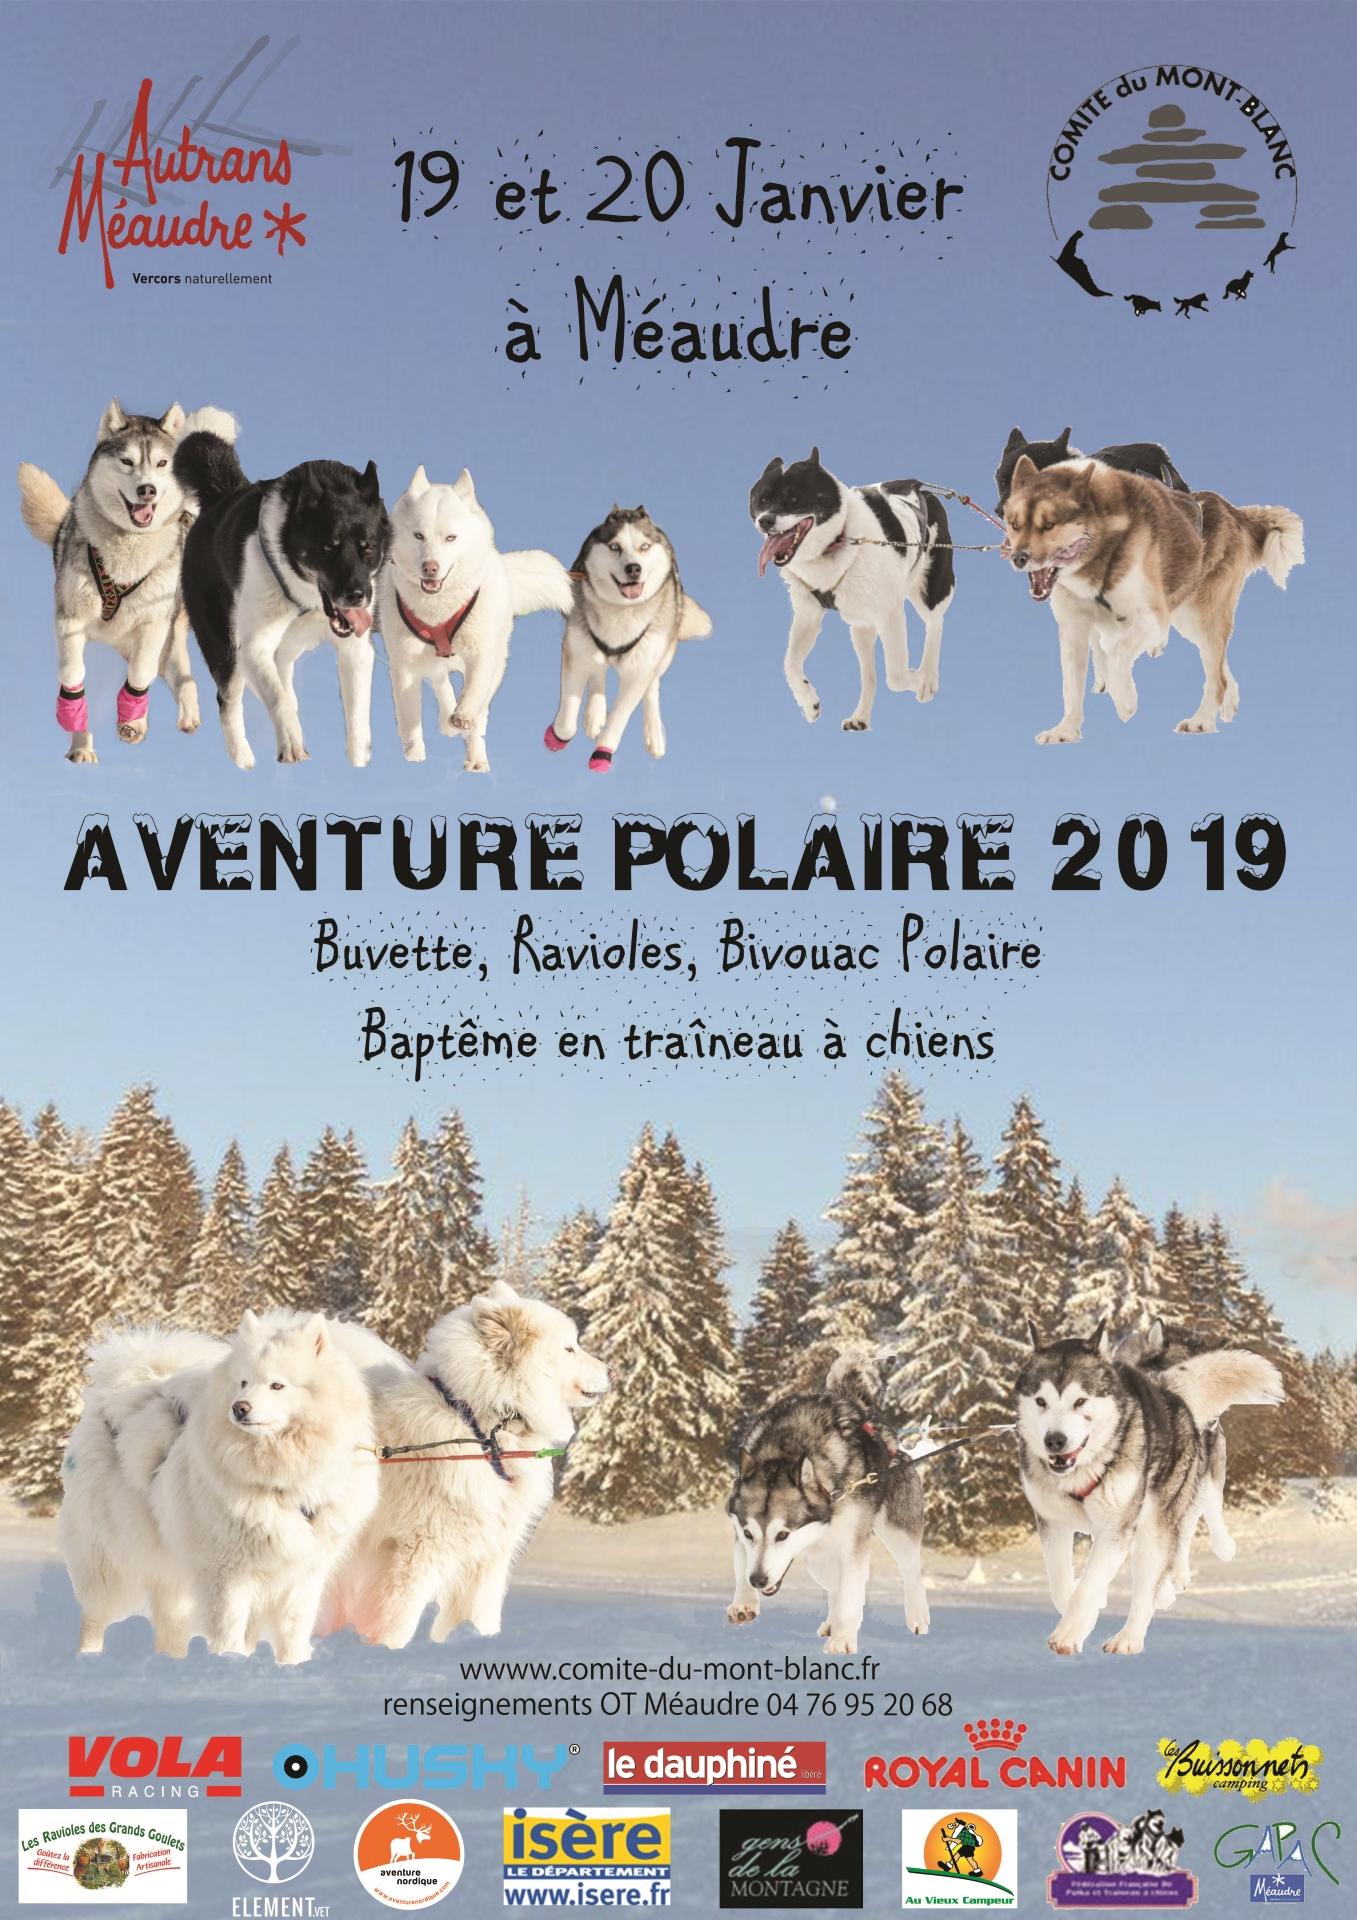 Affiche aventure polaire meaudre 2019 75 compressor